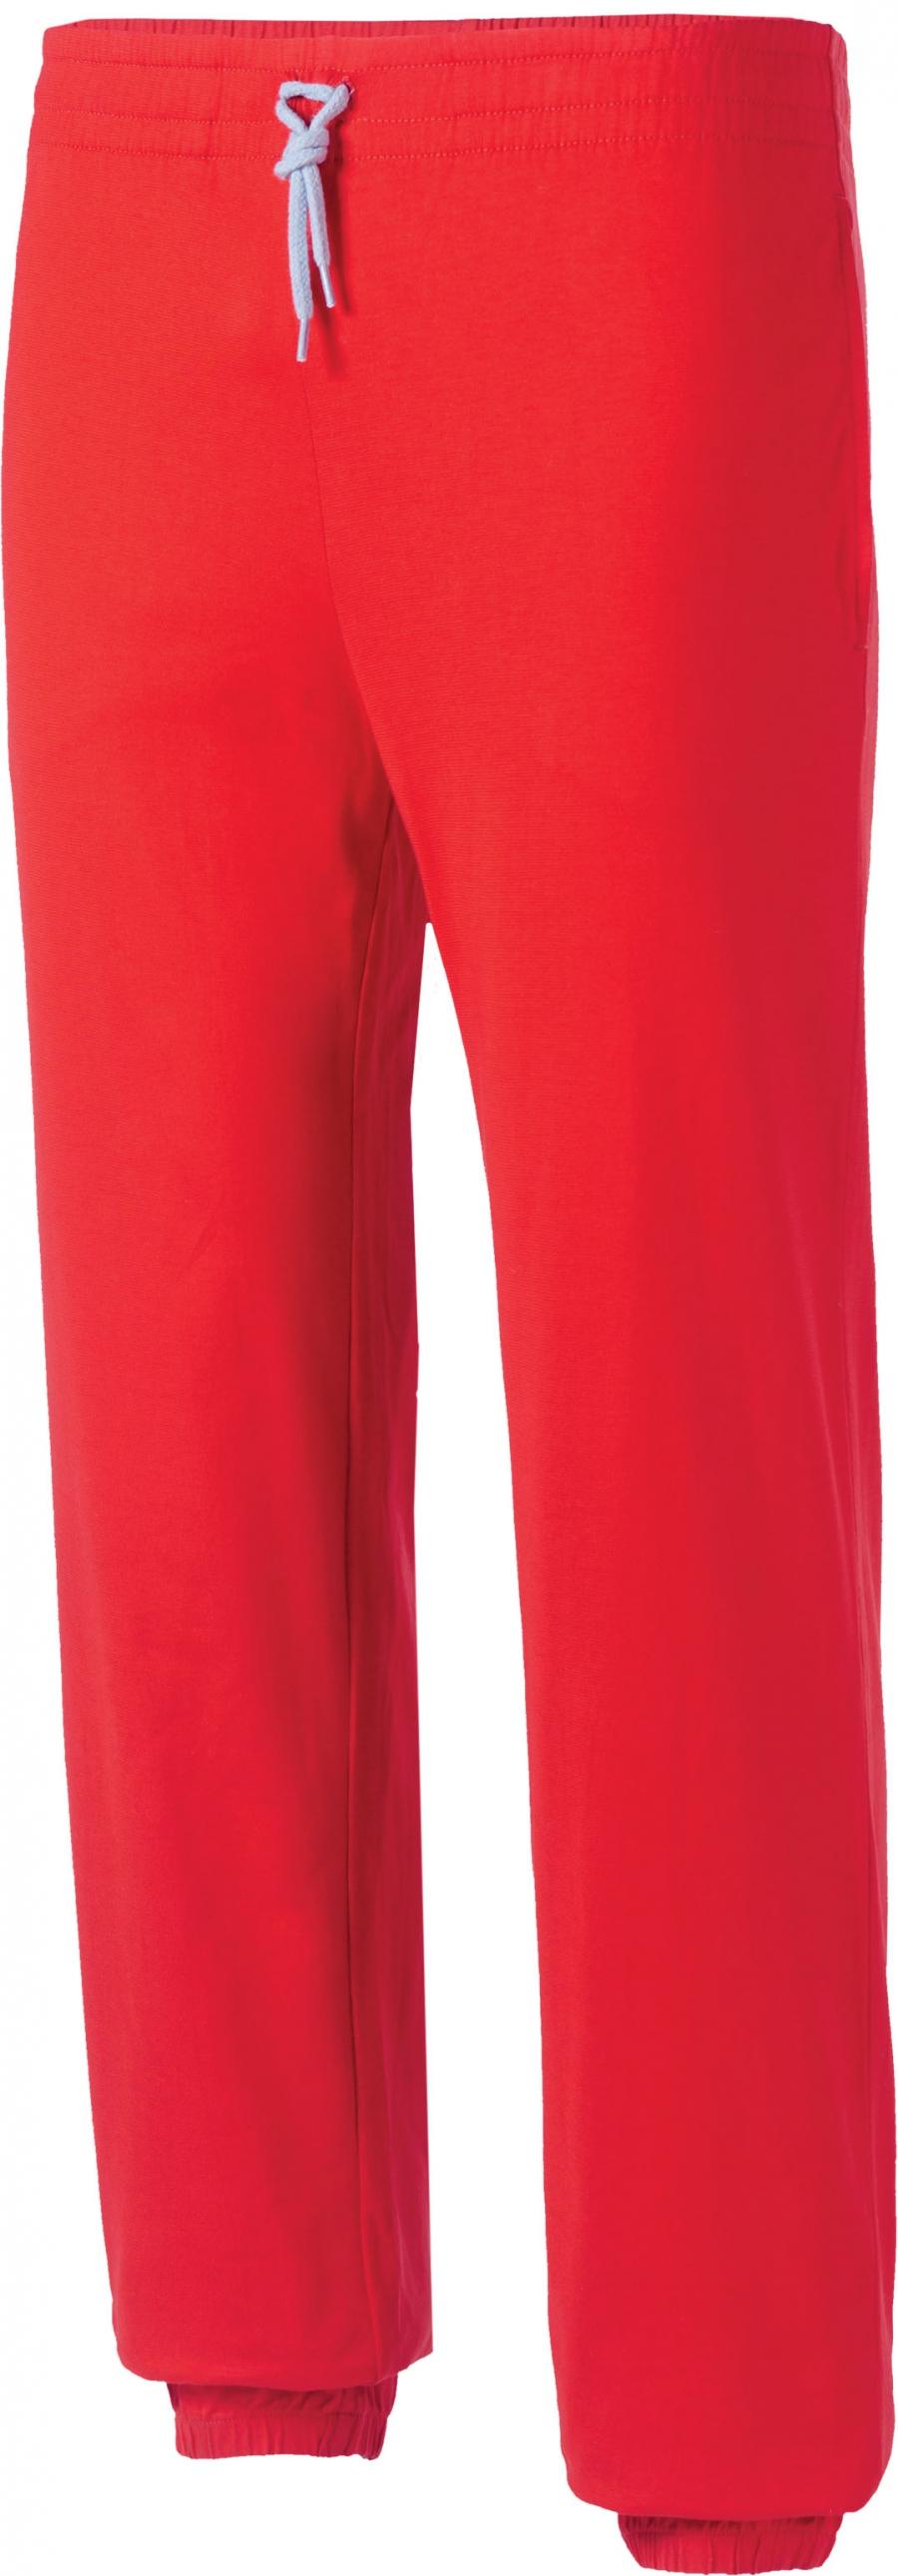 Pantalon de jogging en coton léger unisexe - 2-1370-7